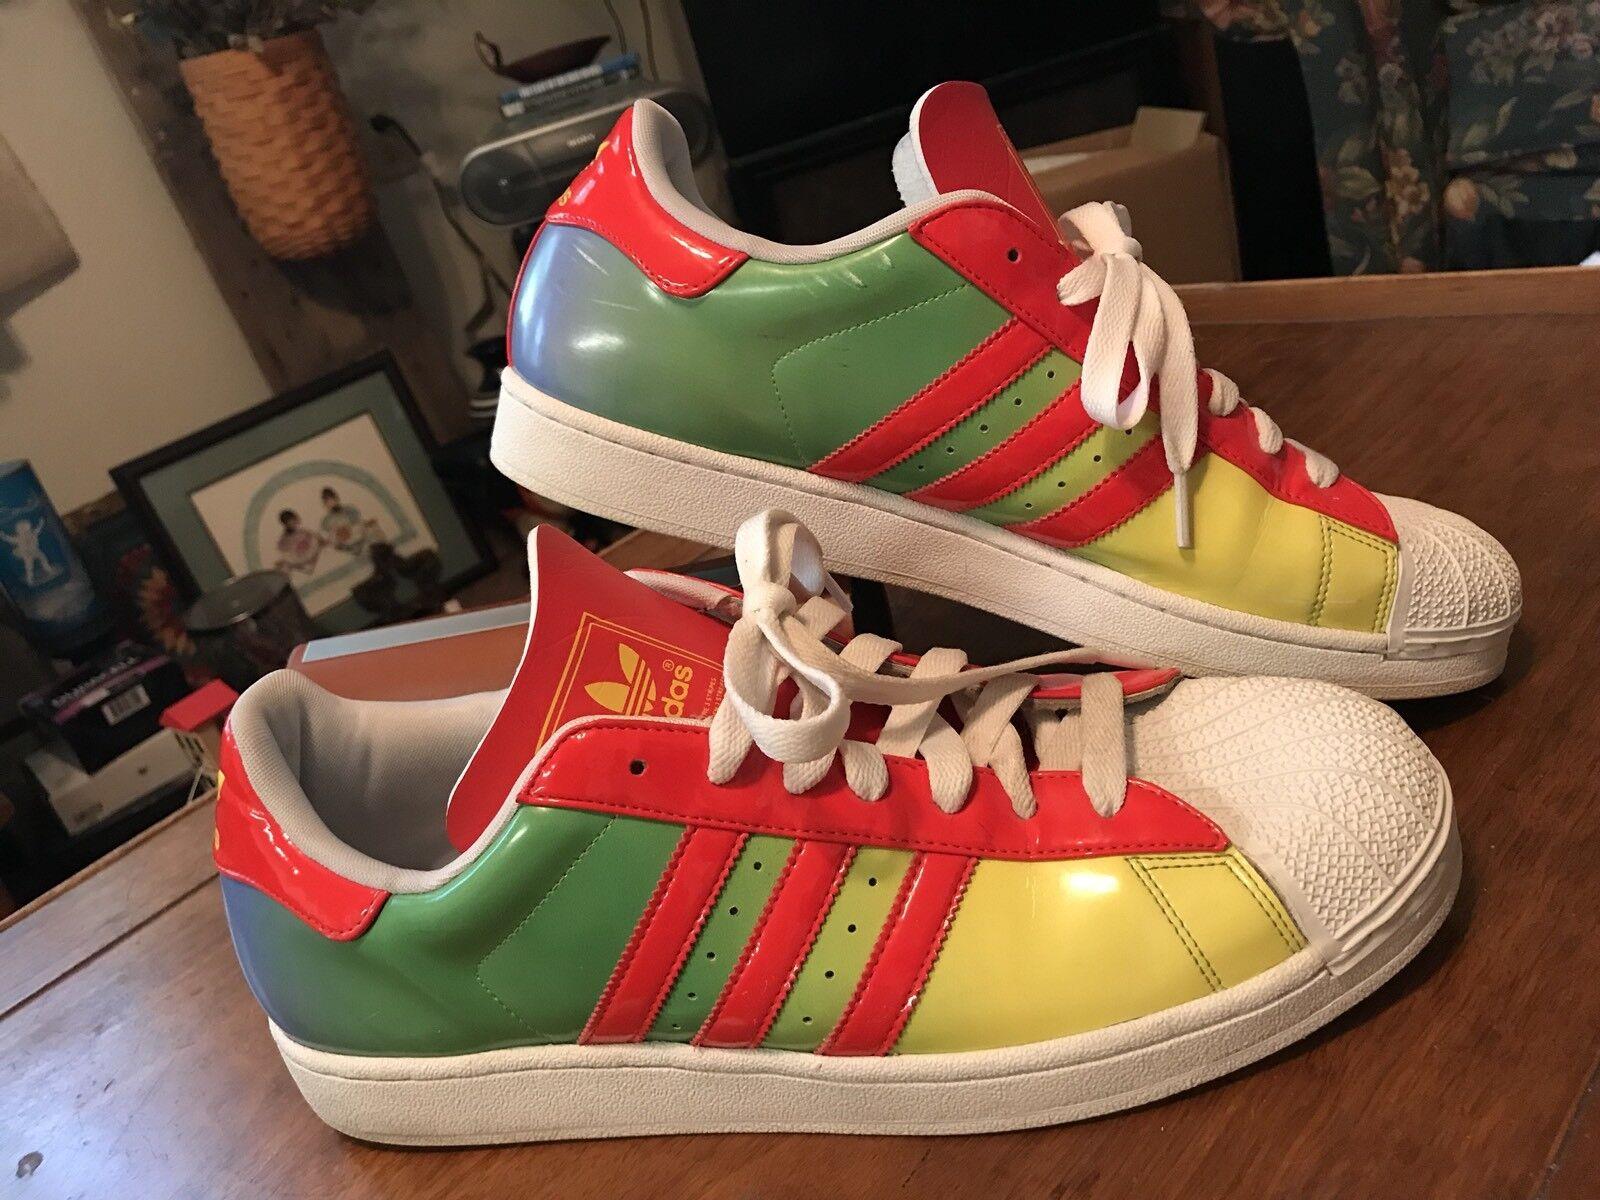 Gli taglia uomini  adidas raro orgoglio superstar arcobaleno scarpe taglia Gli 13 lgbtq ltd edition fa5d55